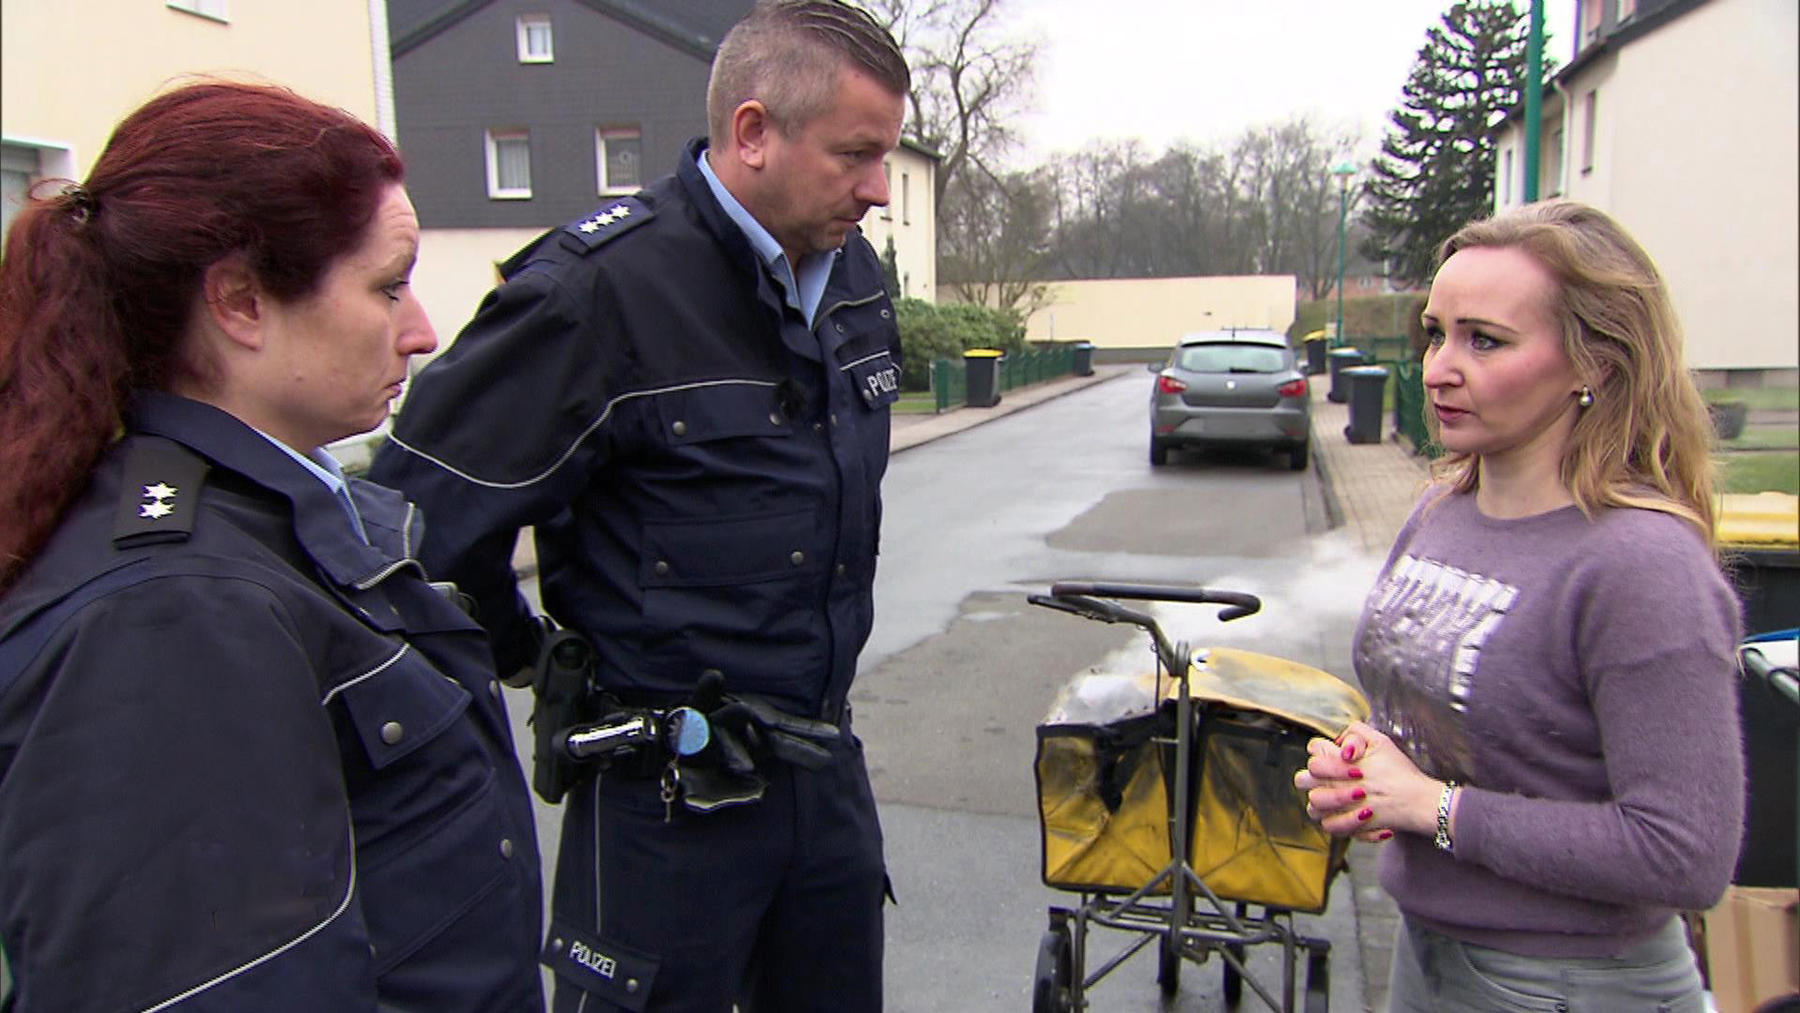 Polizei findet vermisste 15-Jährige | Brennender Postwagen stellt Polizei vor ein Rätsel | Folge 4